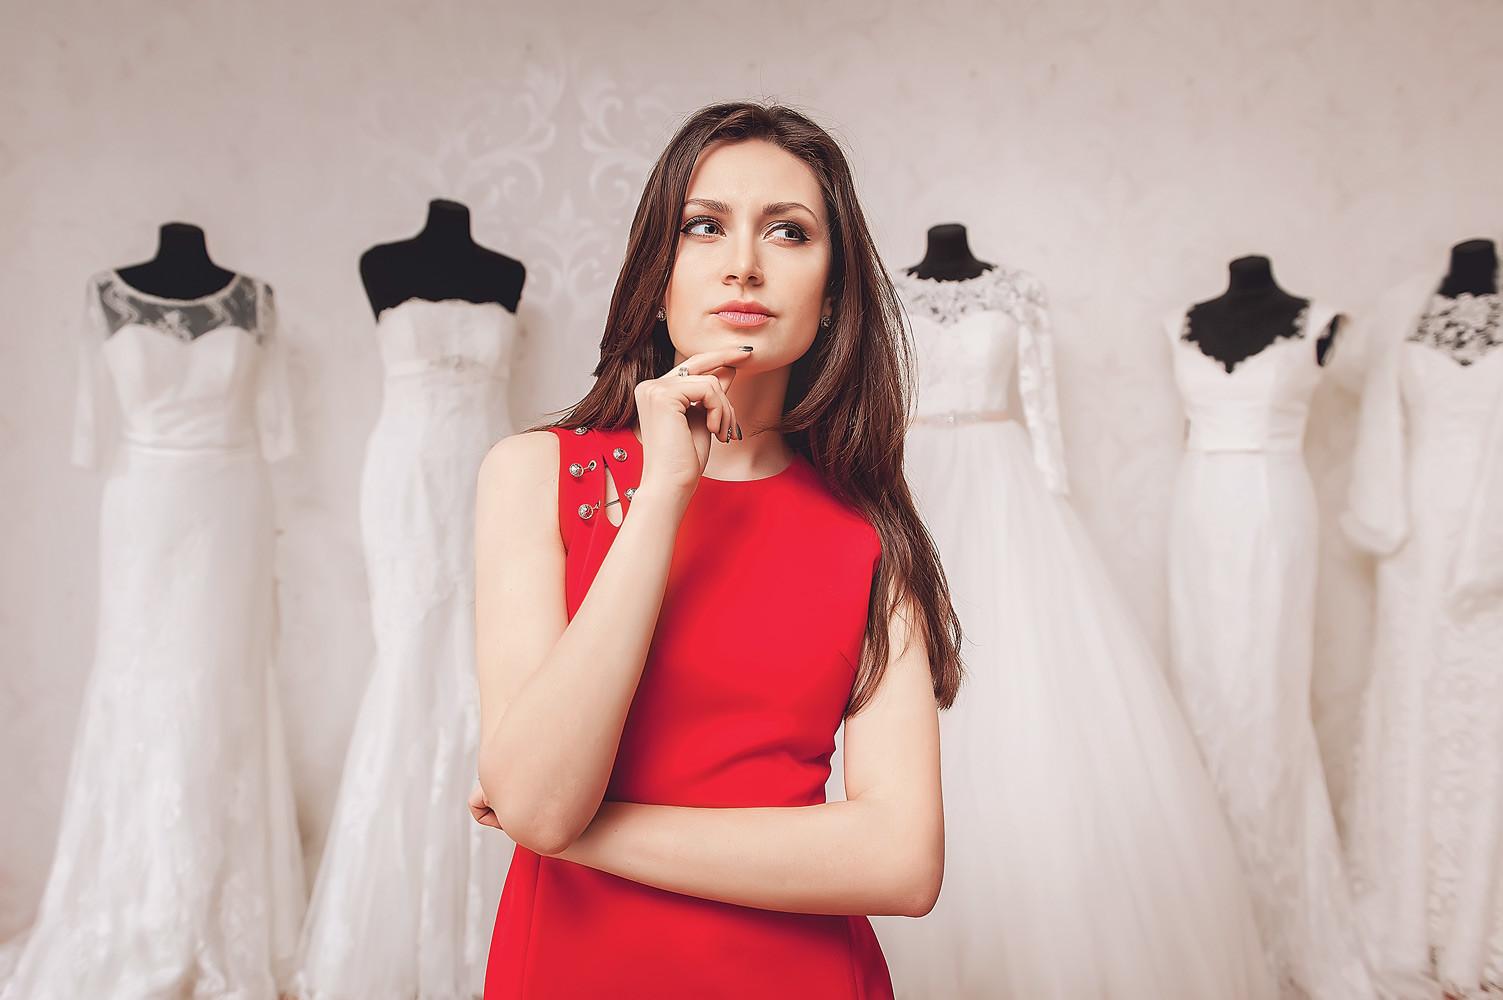 Когда же я выйду замуж: ошибки, которые мешают замужеству